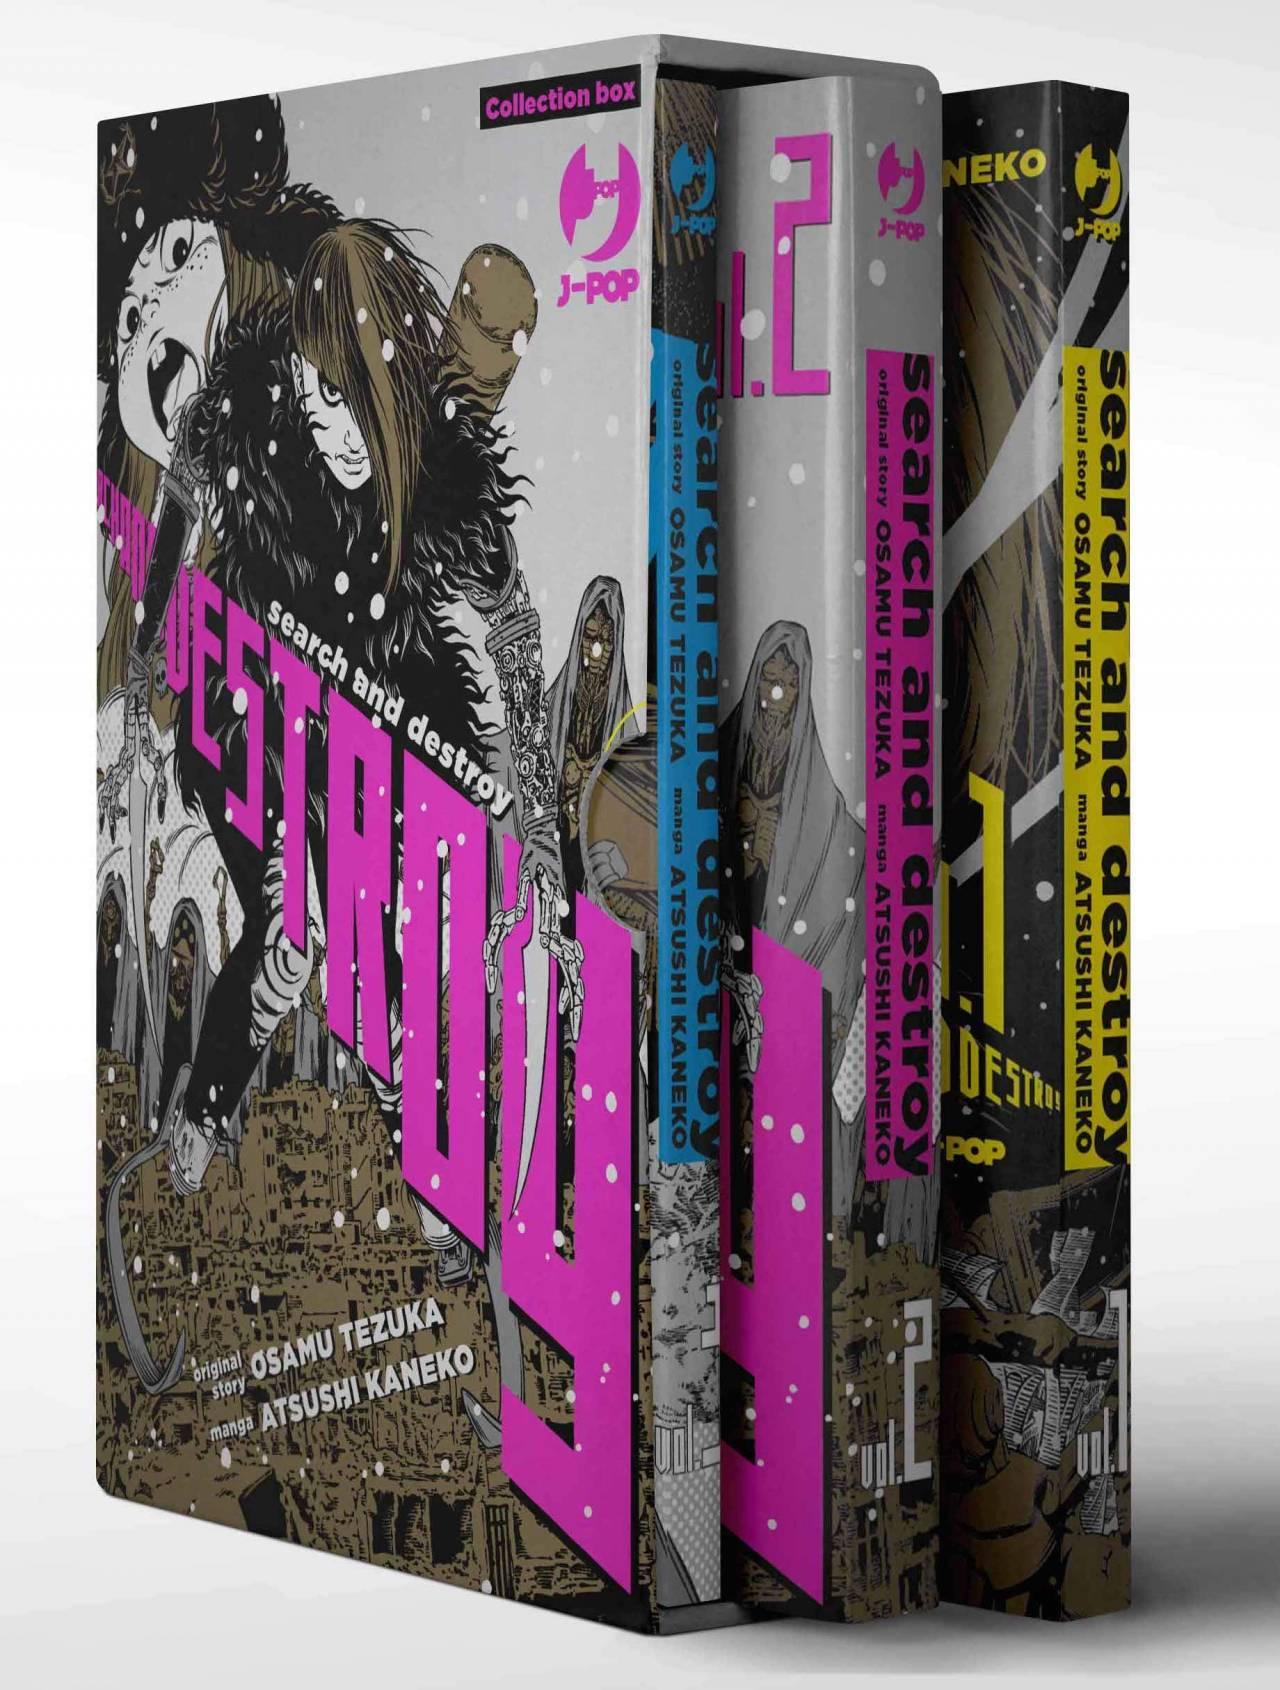 Search and Destroy 1-3, recensione del remake del classico di Tezuka